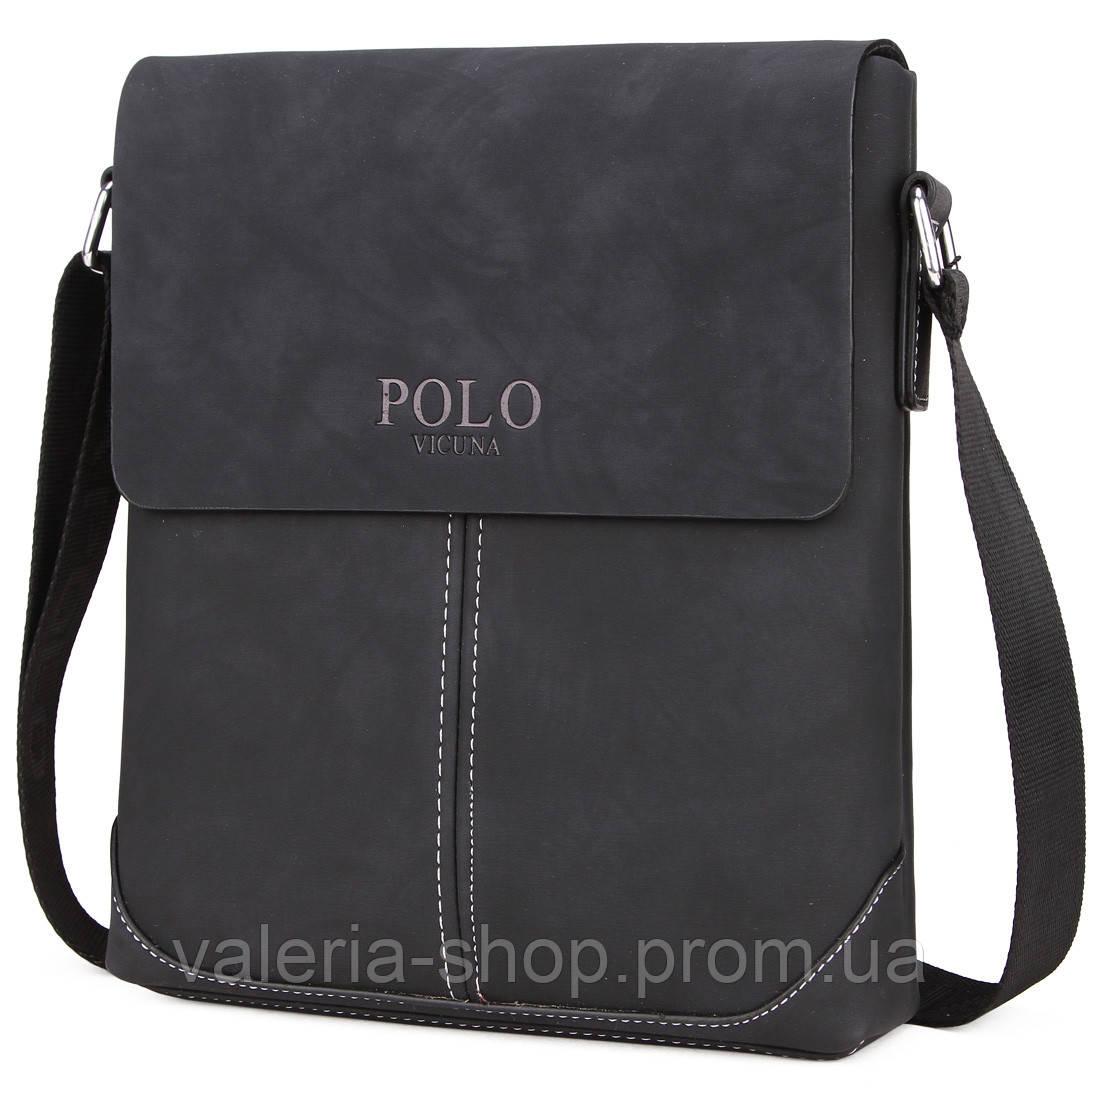 Мужская сумка Polo Vicuna черная